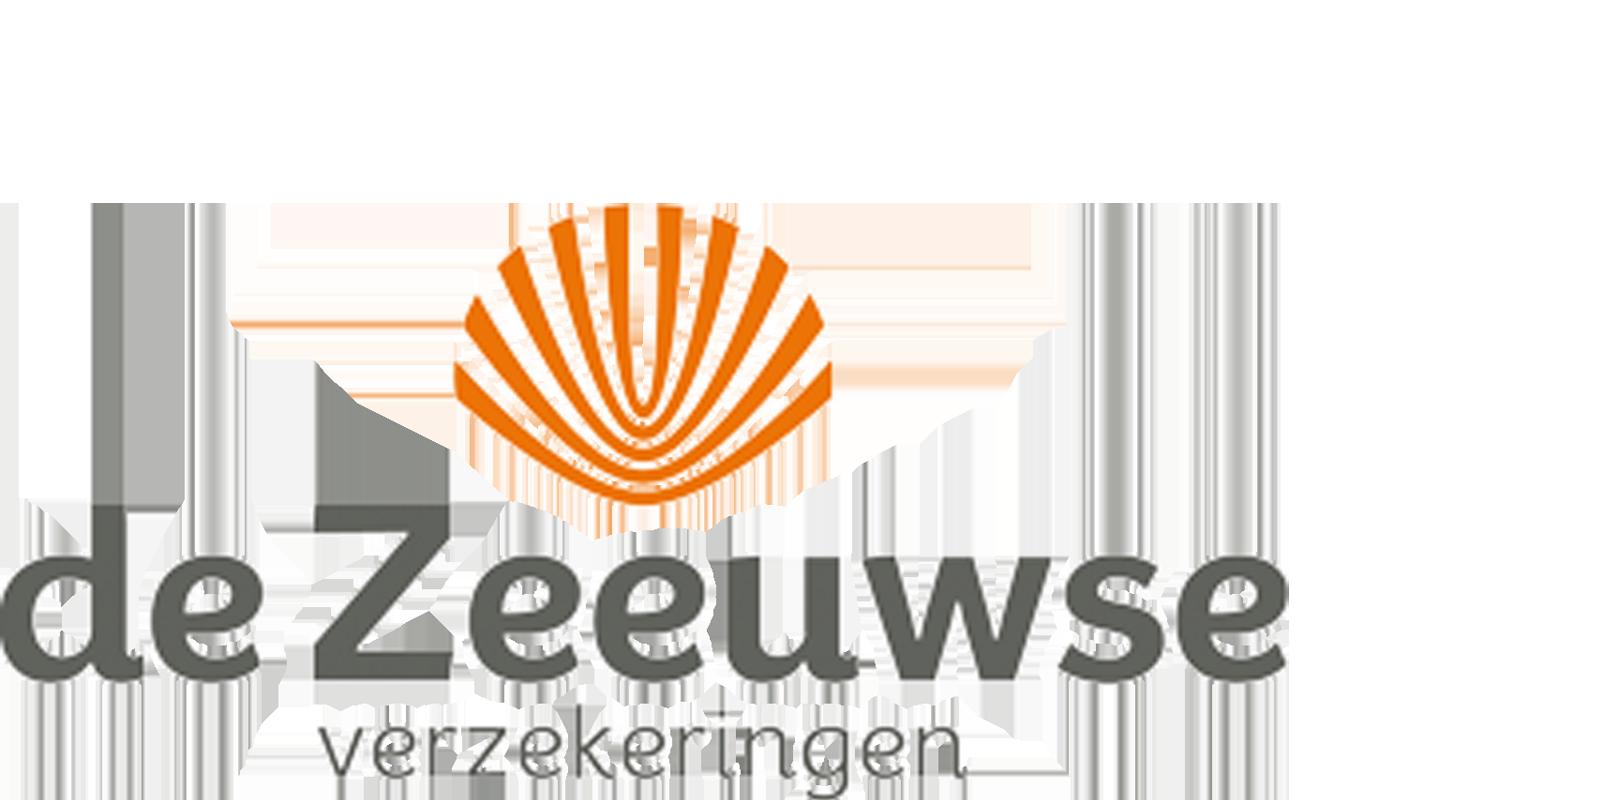 https://overwater-volmacht.nl/wp-content/uploads/2020/03/logo-dezeeuwse-1.png